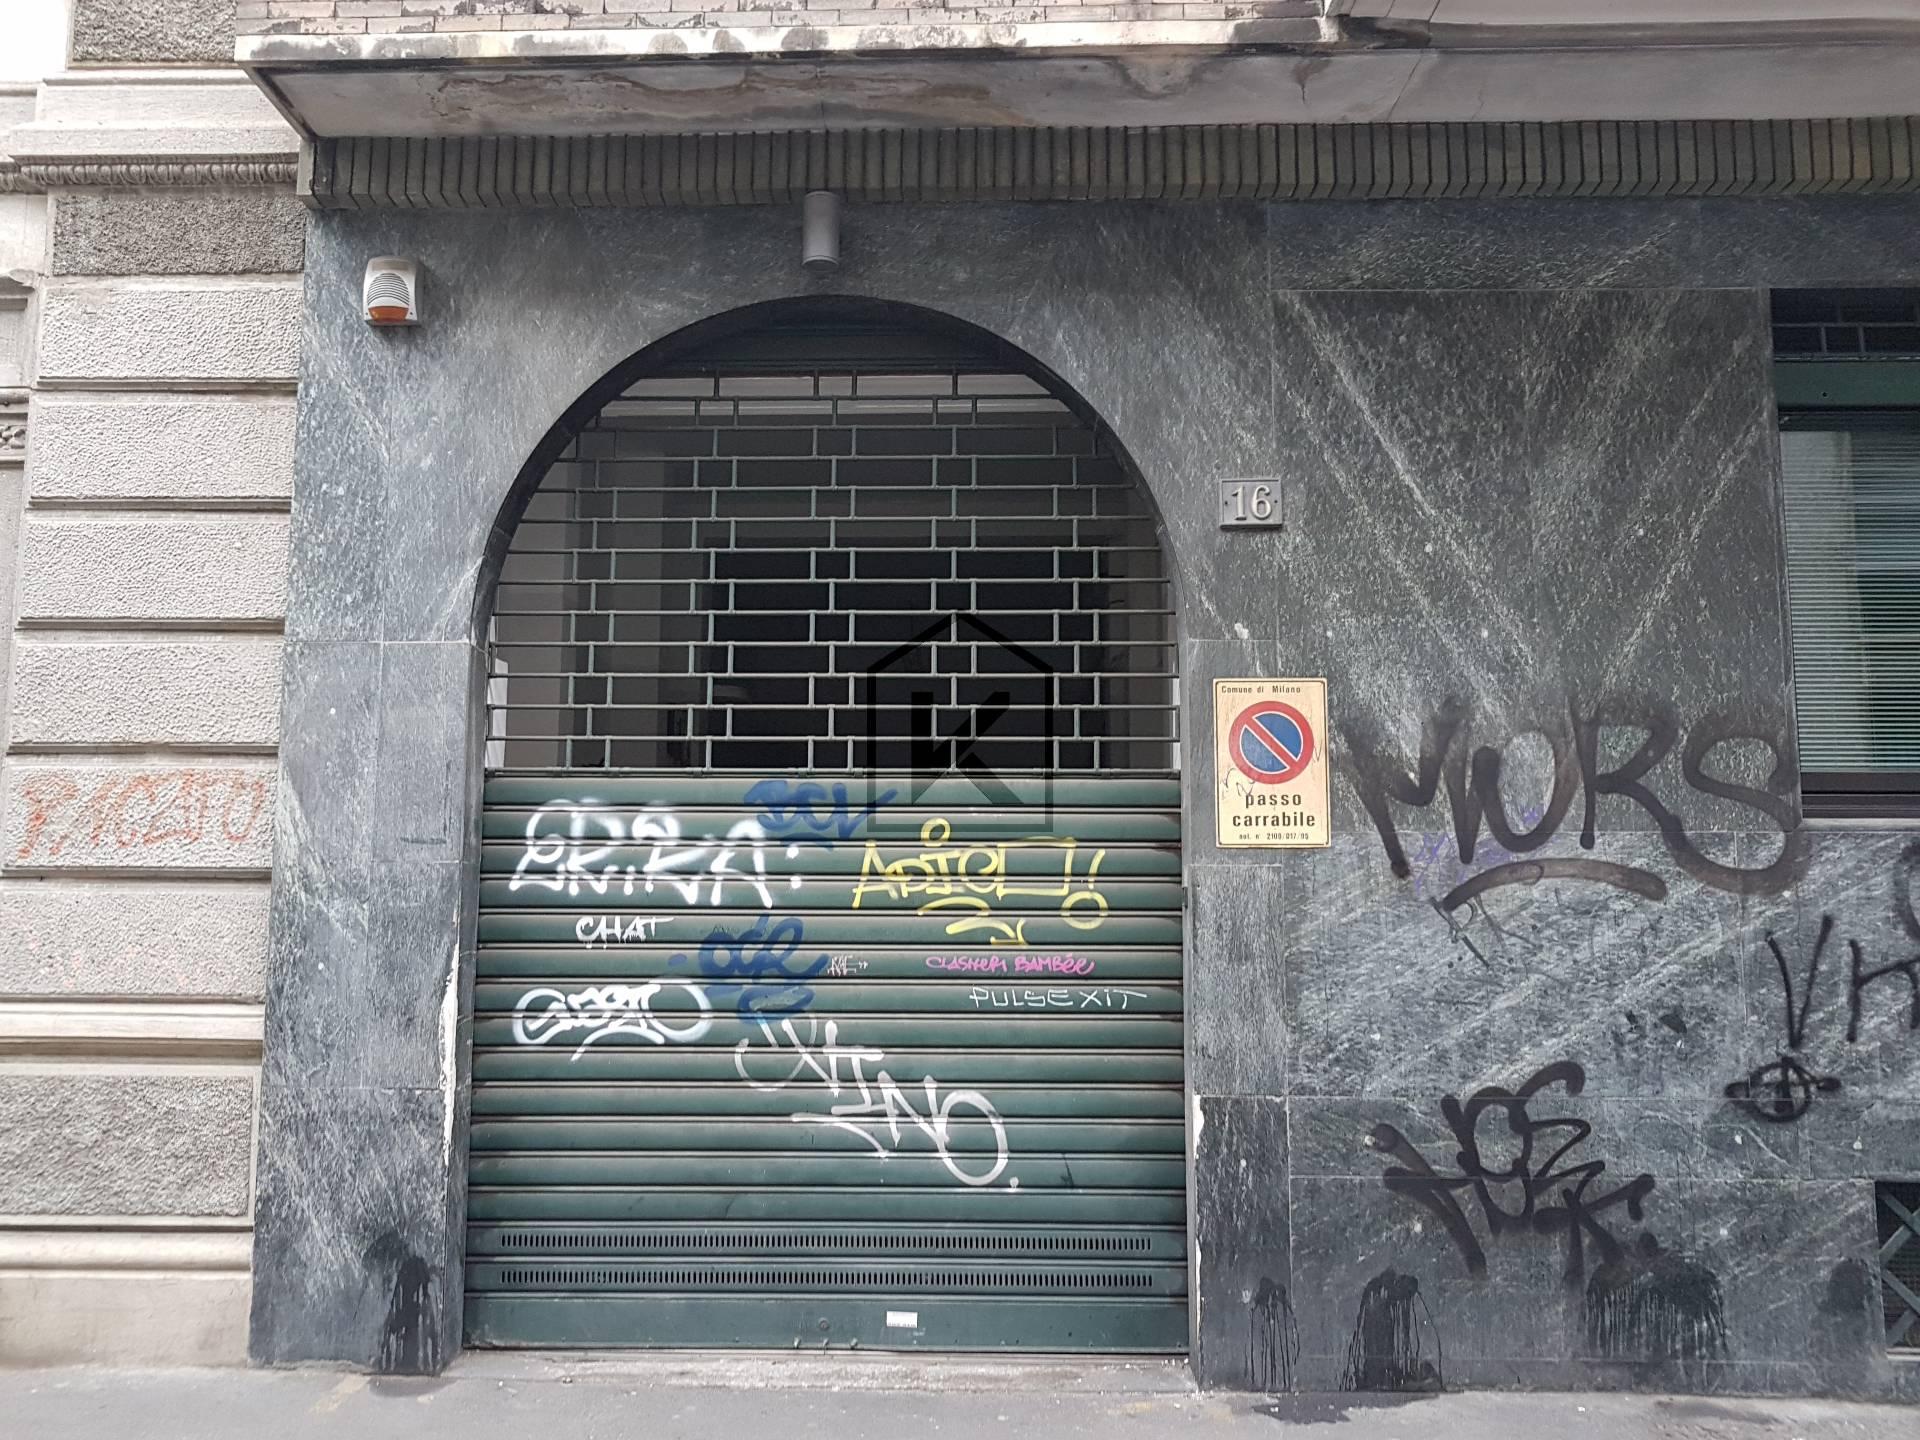 Negozio-locale in Affitto a Milano:  2 locali, 60 mq  - Foto 1